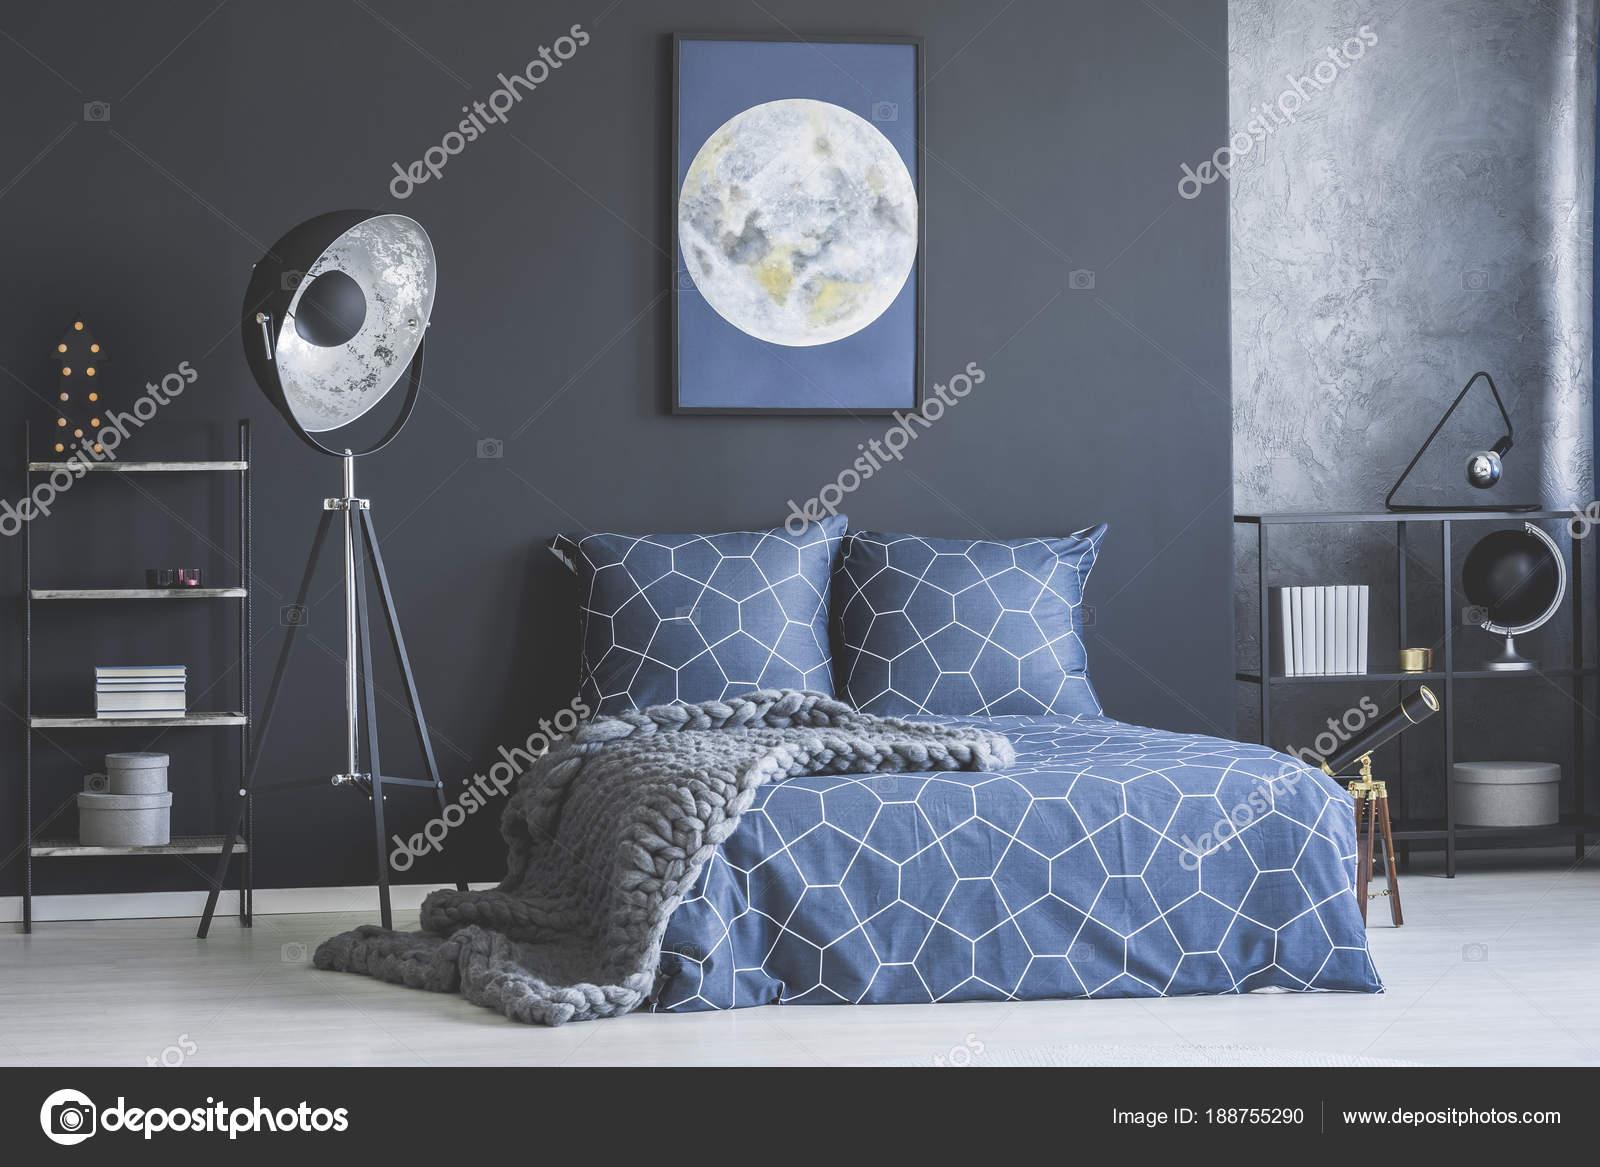 Camere Da Letto Blue Moon : Poster di luna in interno camera da letto u foto stock